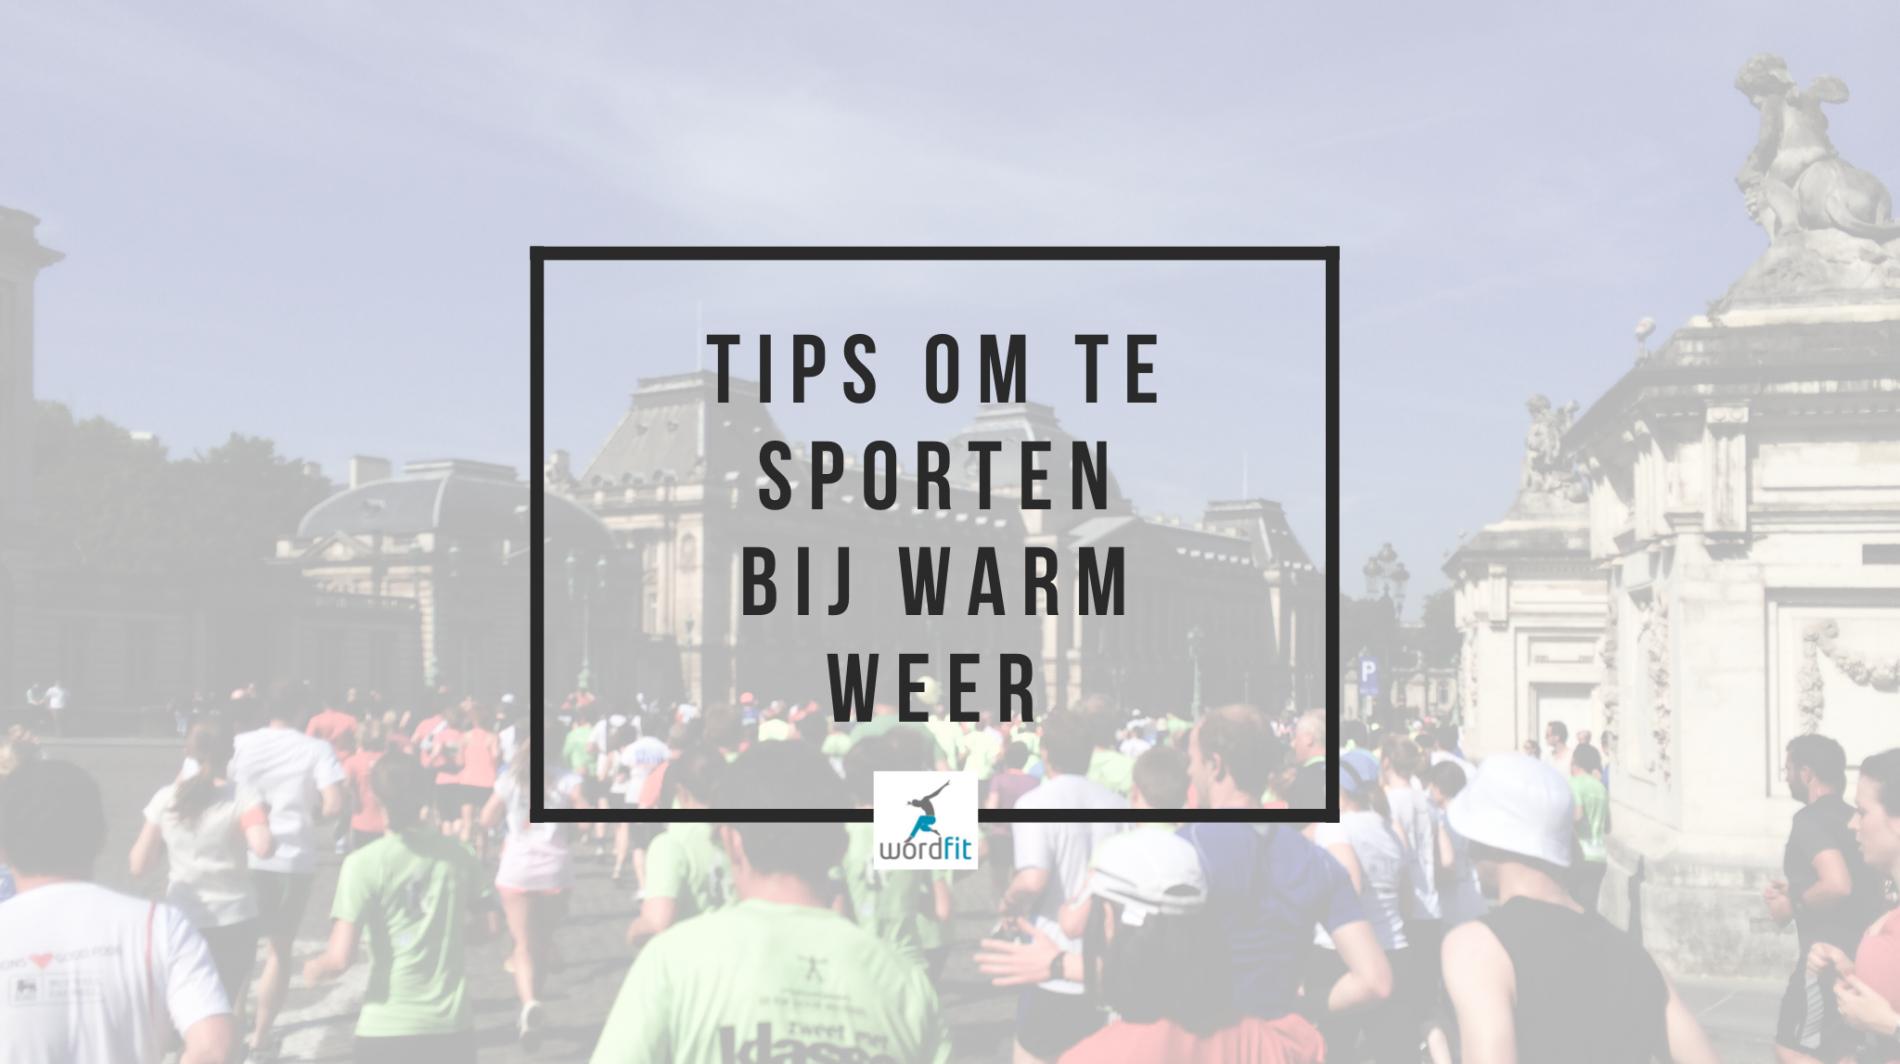 Tips voor sporten bij warm weer